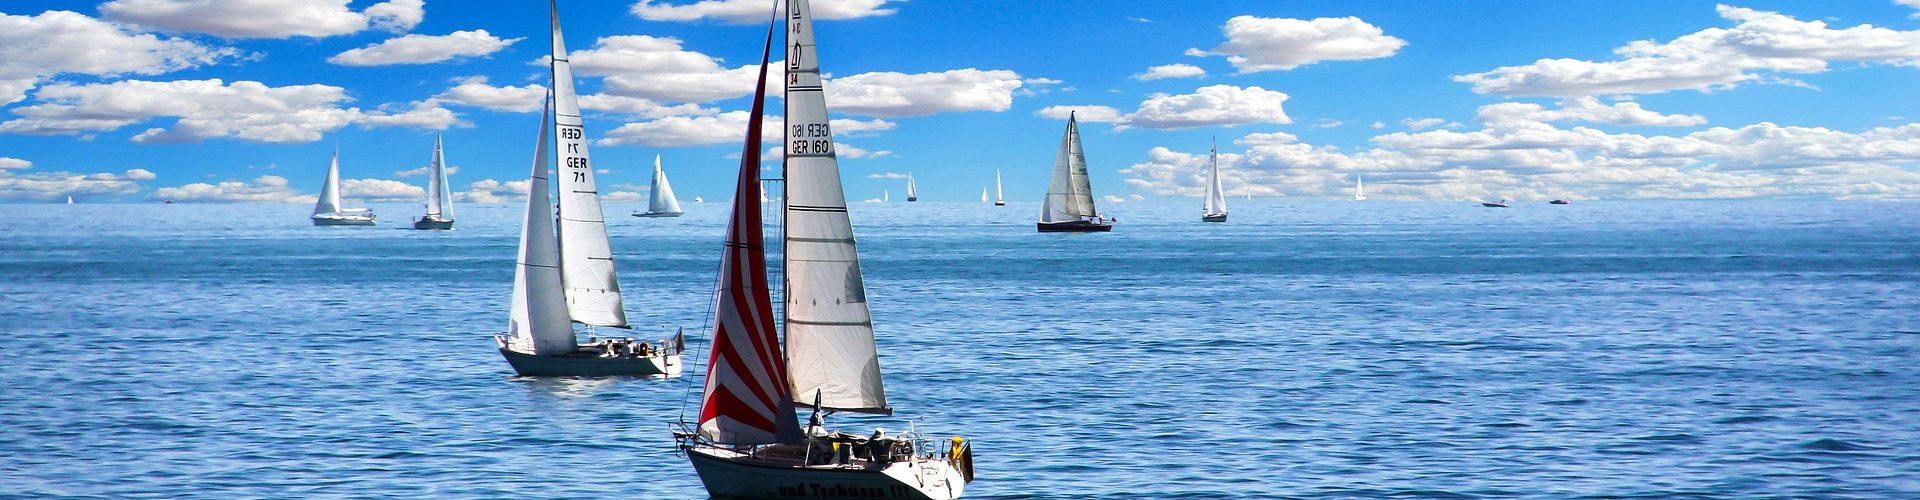 segeln lernen in Pouch segelschein machen in Pouch 1920x500 - Segeln lernen in Pouch